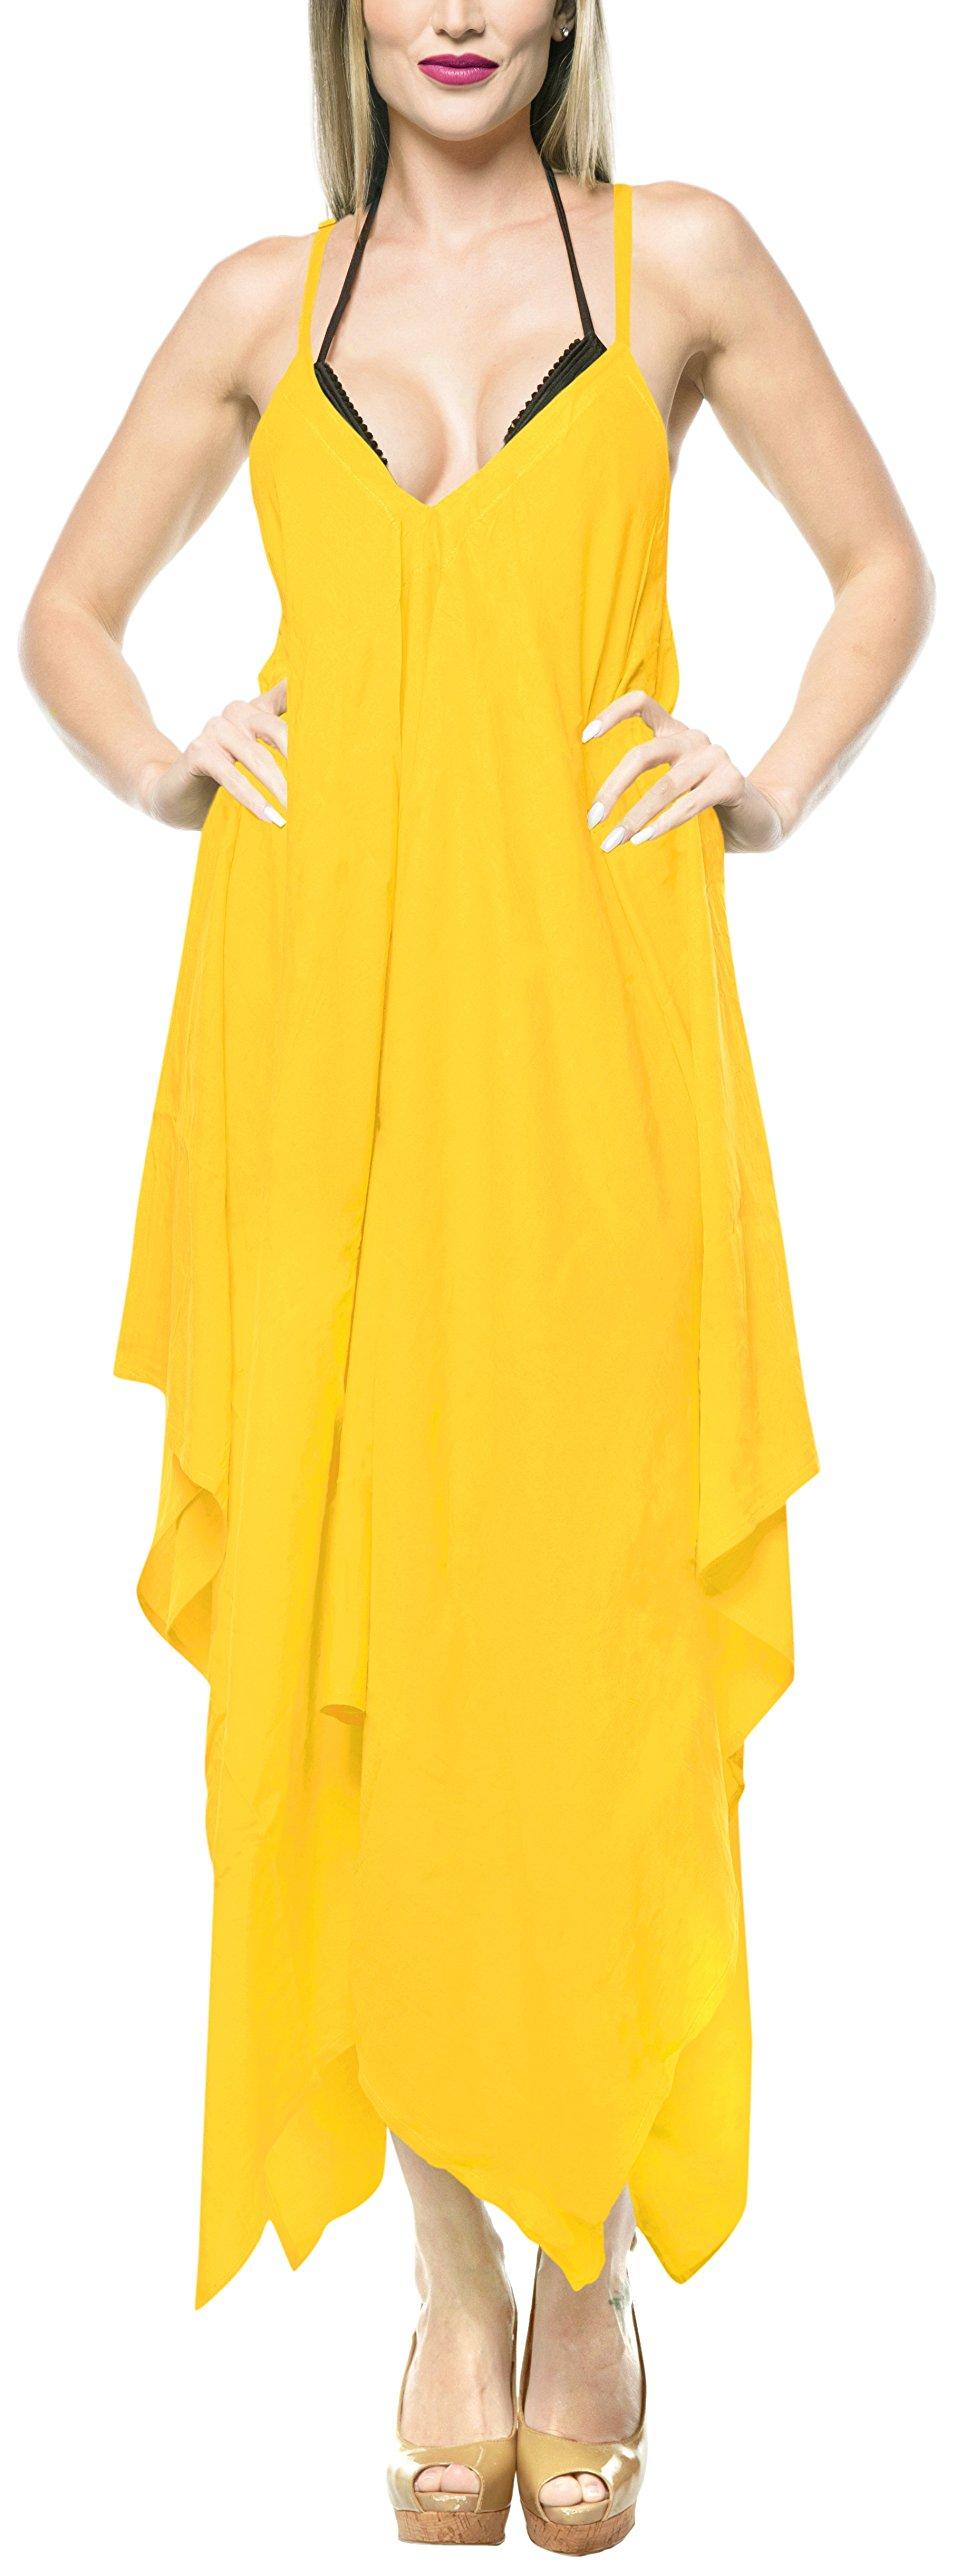 LA LEELA Rayon Solid Evening Dress Hawaiian Bride Cruise OSFM 14-16 [L-1X] Yellow_3425